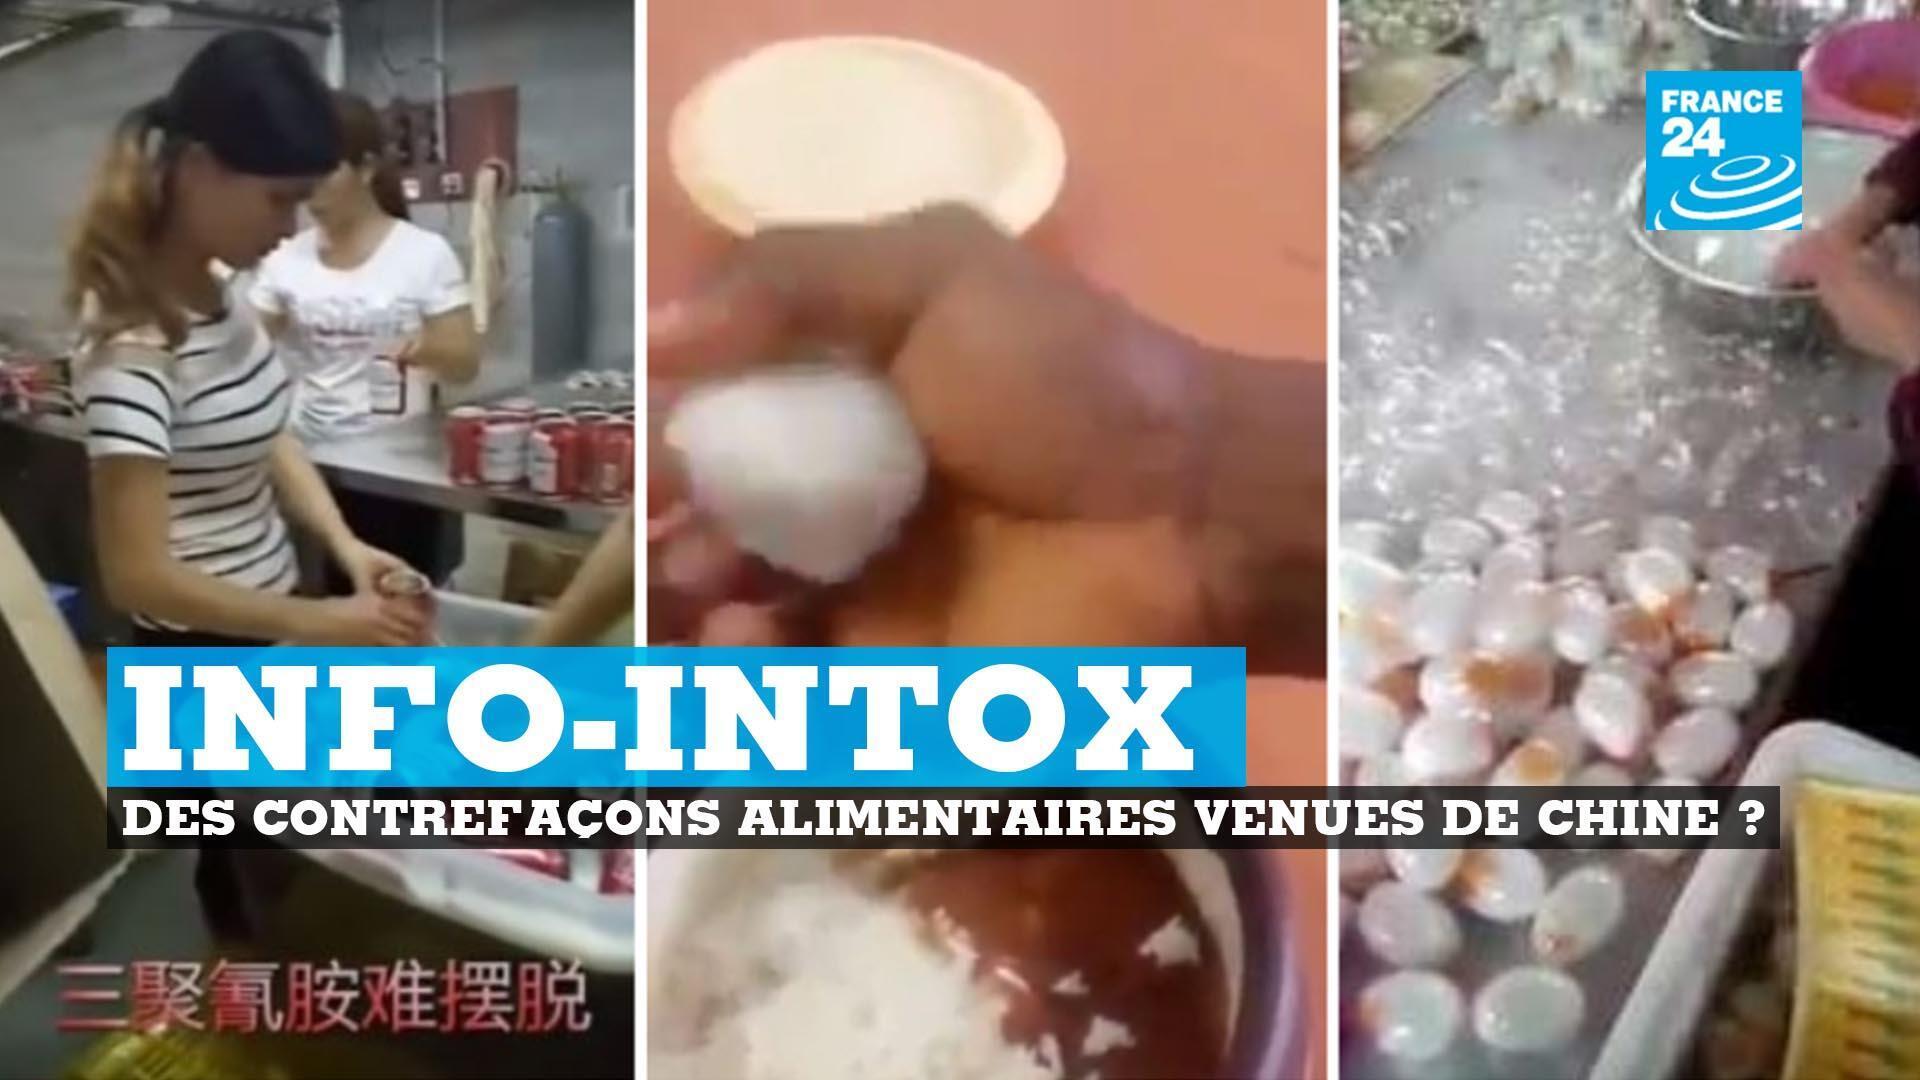 Fausse bière Budweiser, riz et oeufs en plastiques... les contrefaçons dvenant de Chine seraient fréquentes si on en croit internet... mais certaines vidéos sont totalement sorties de leur contexte.